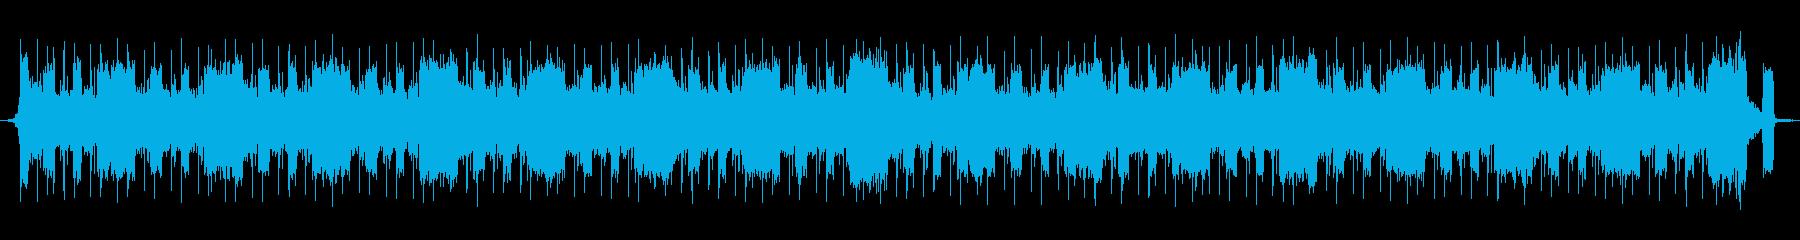 疾走感あふれるシリアスなデジロックの再生済みの波形